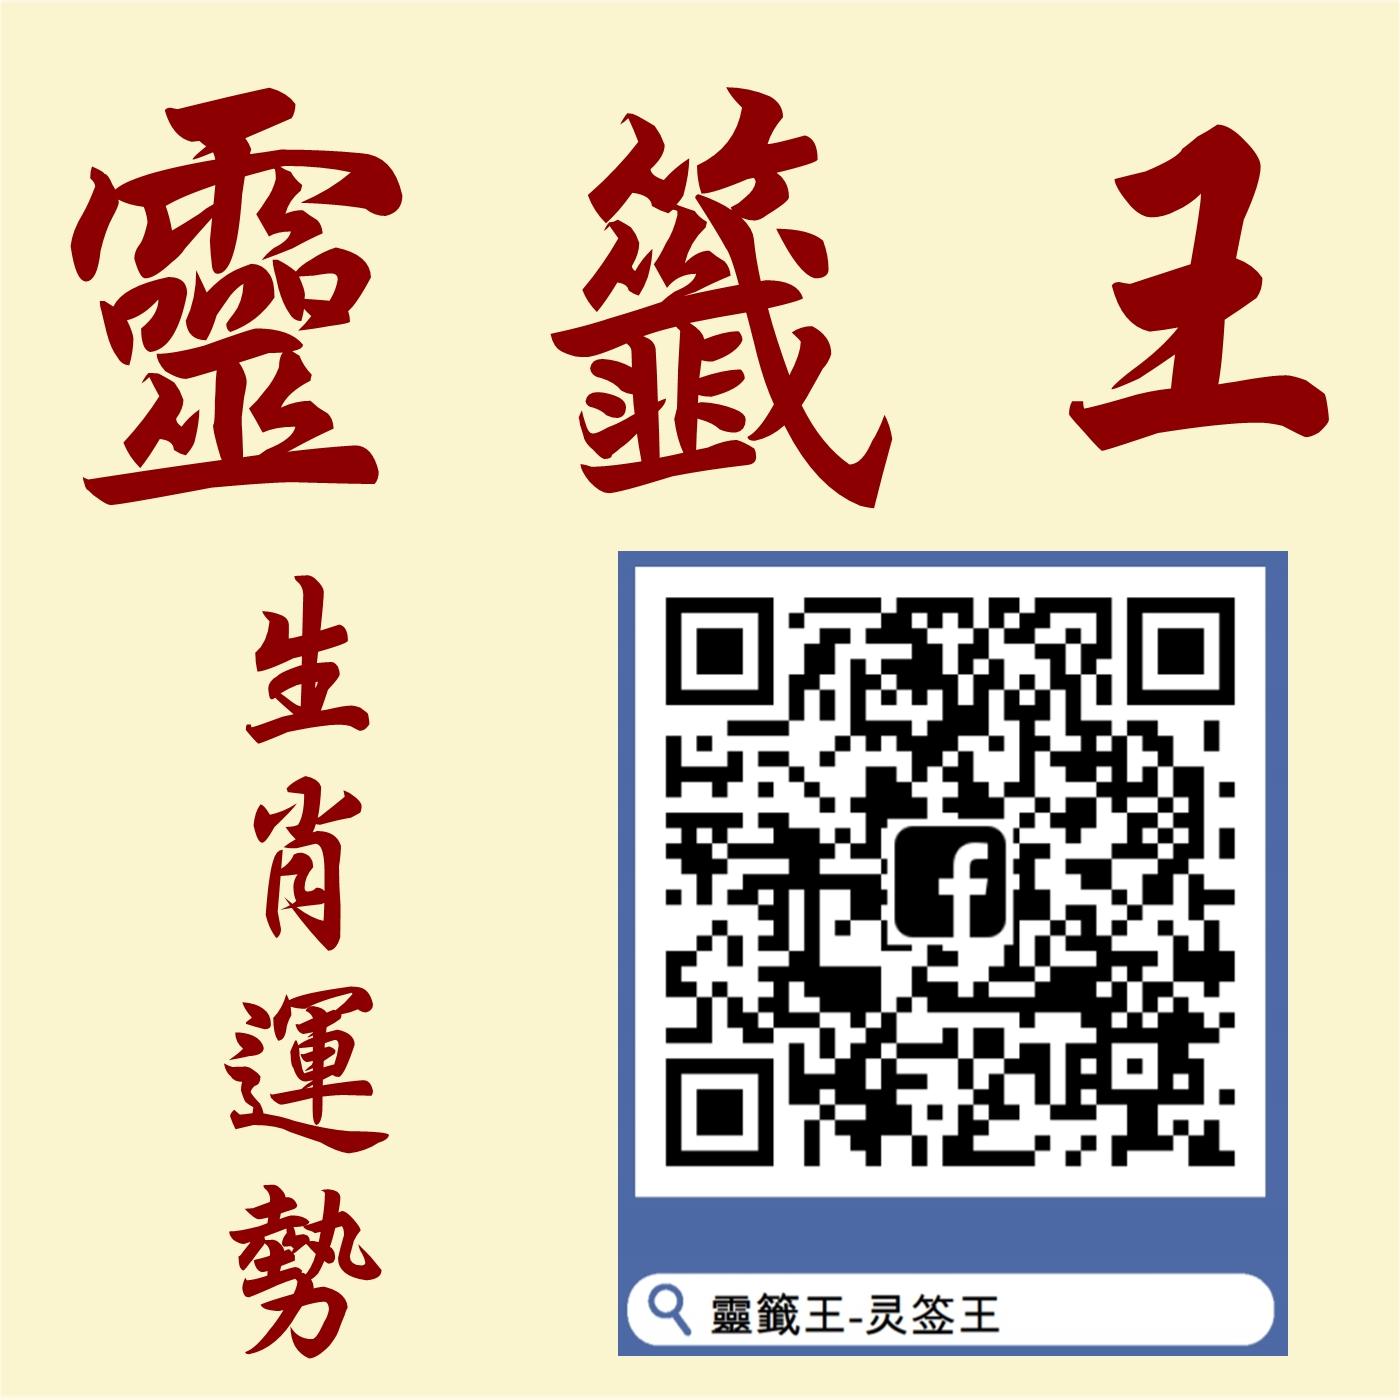 農曆九月生肖運勢(龍蛇)20201007